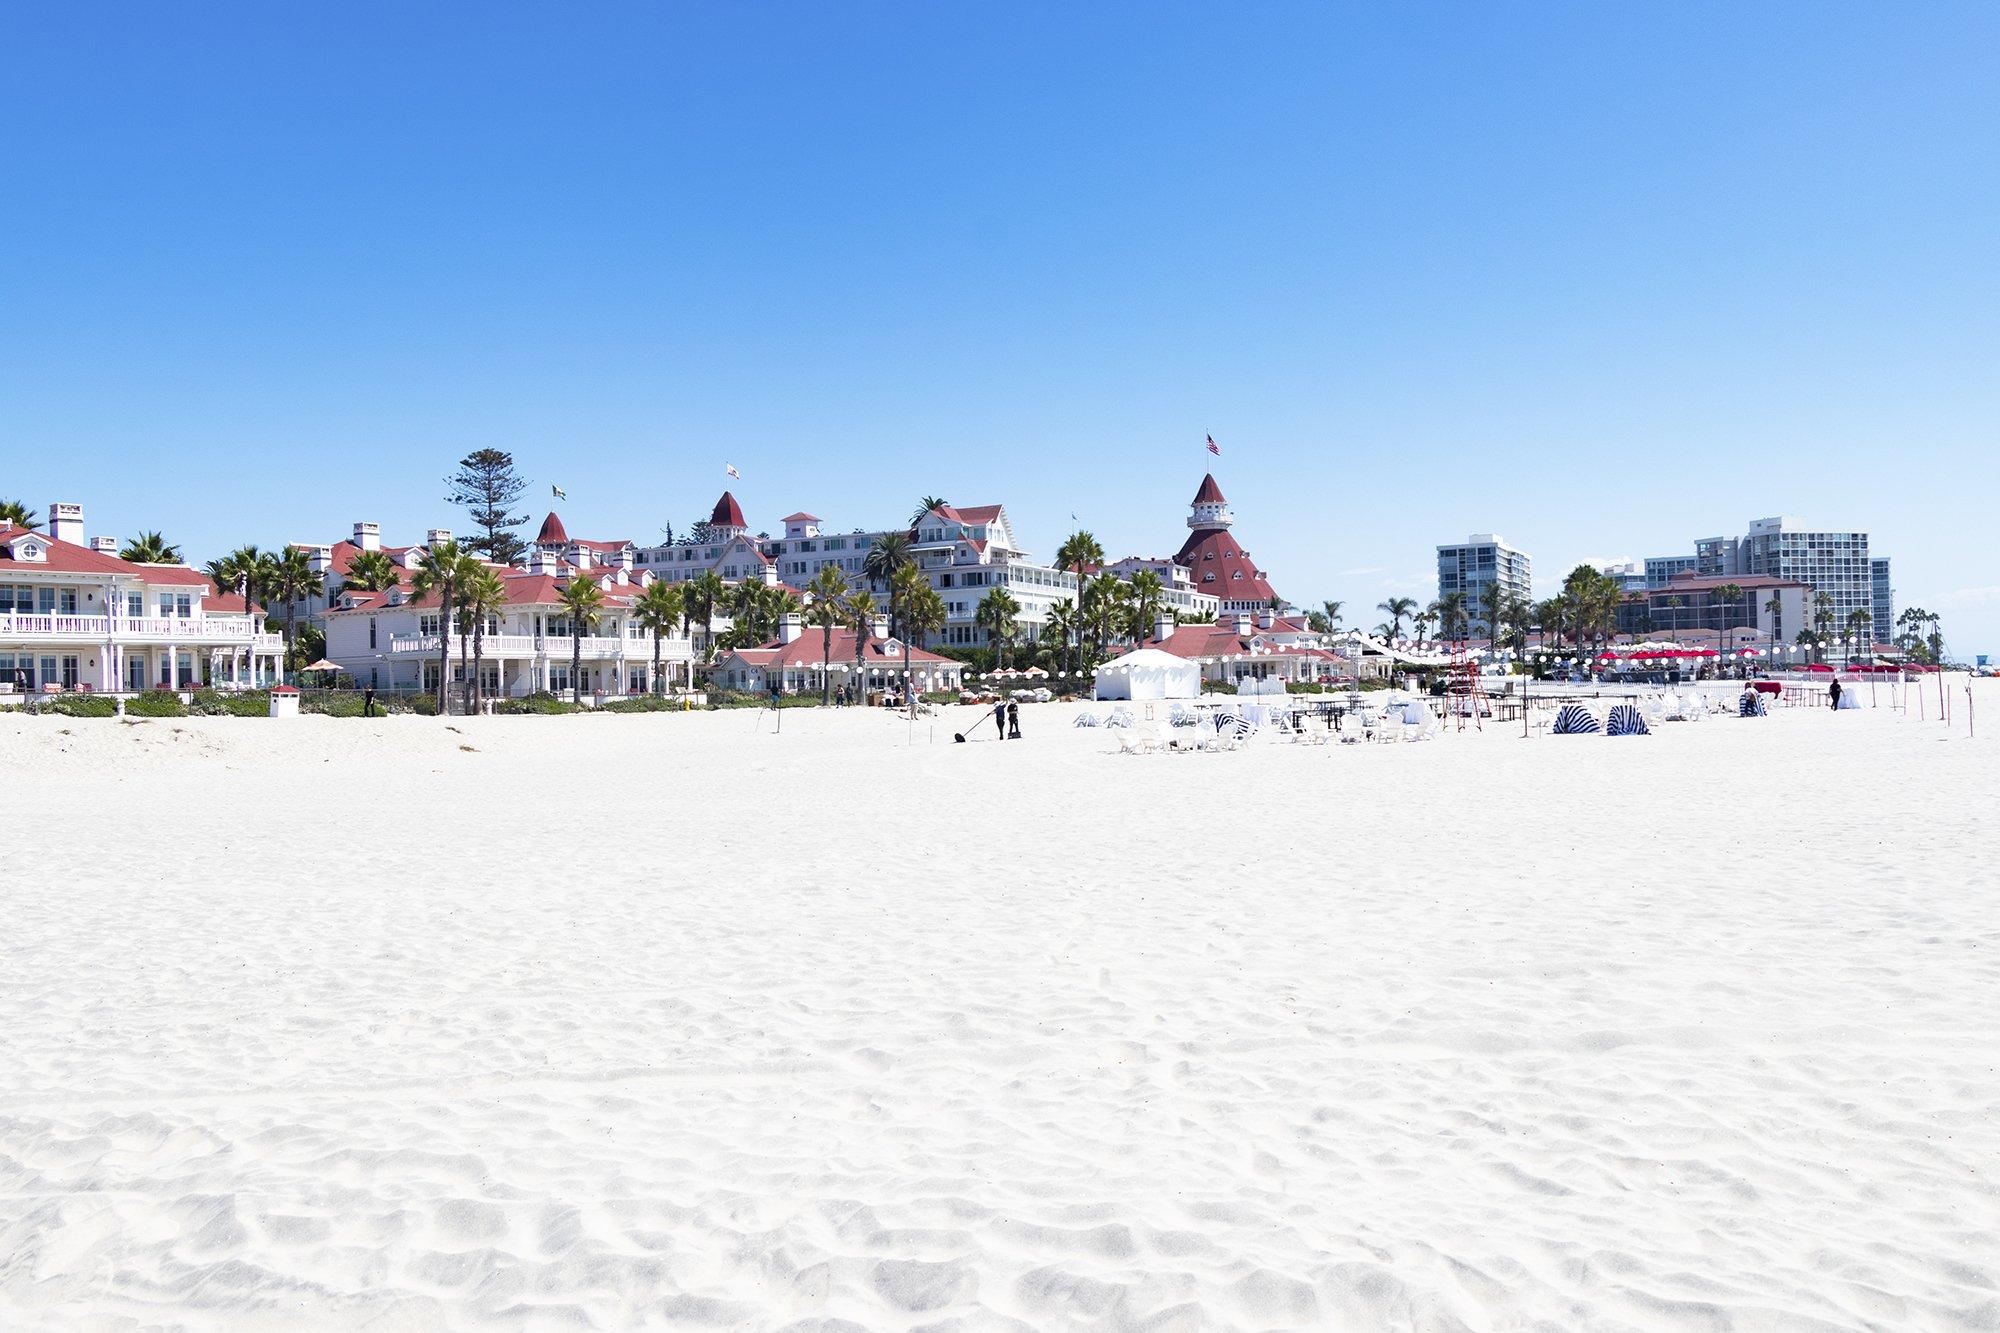 Coronado Central Beach and Hotel del Coronado